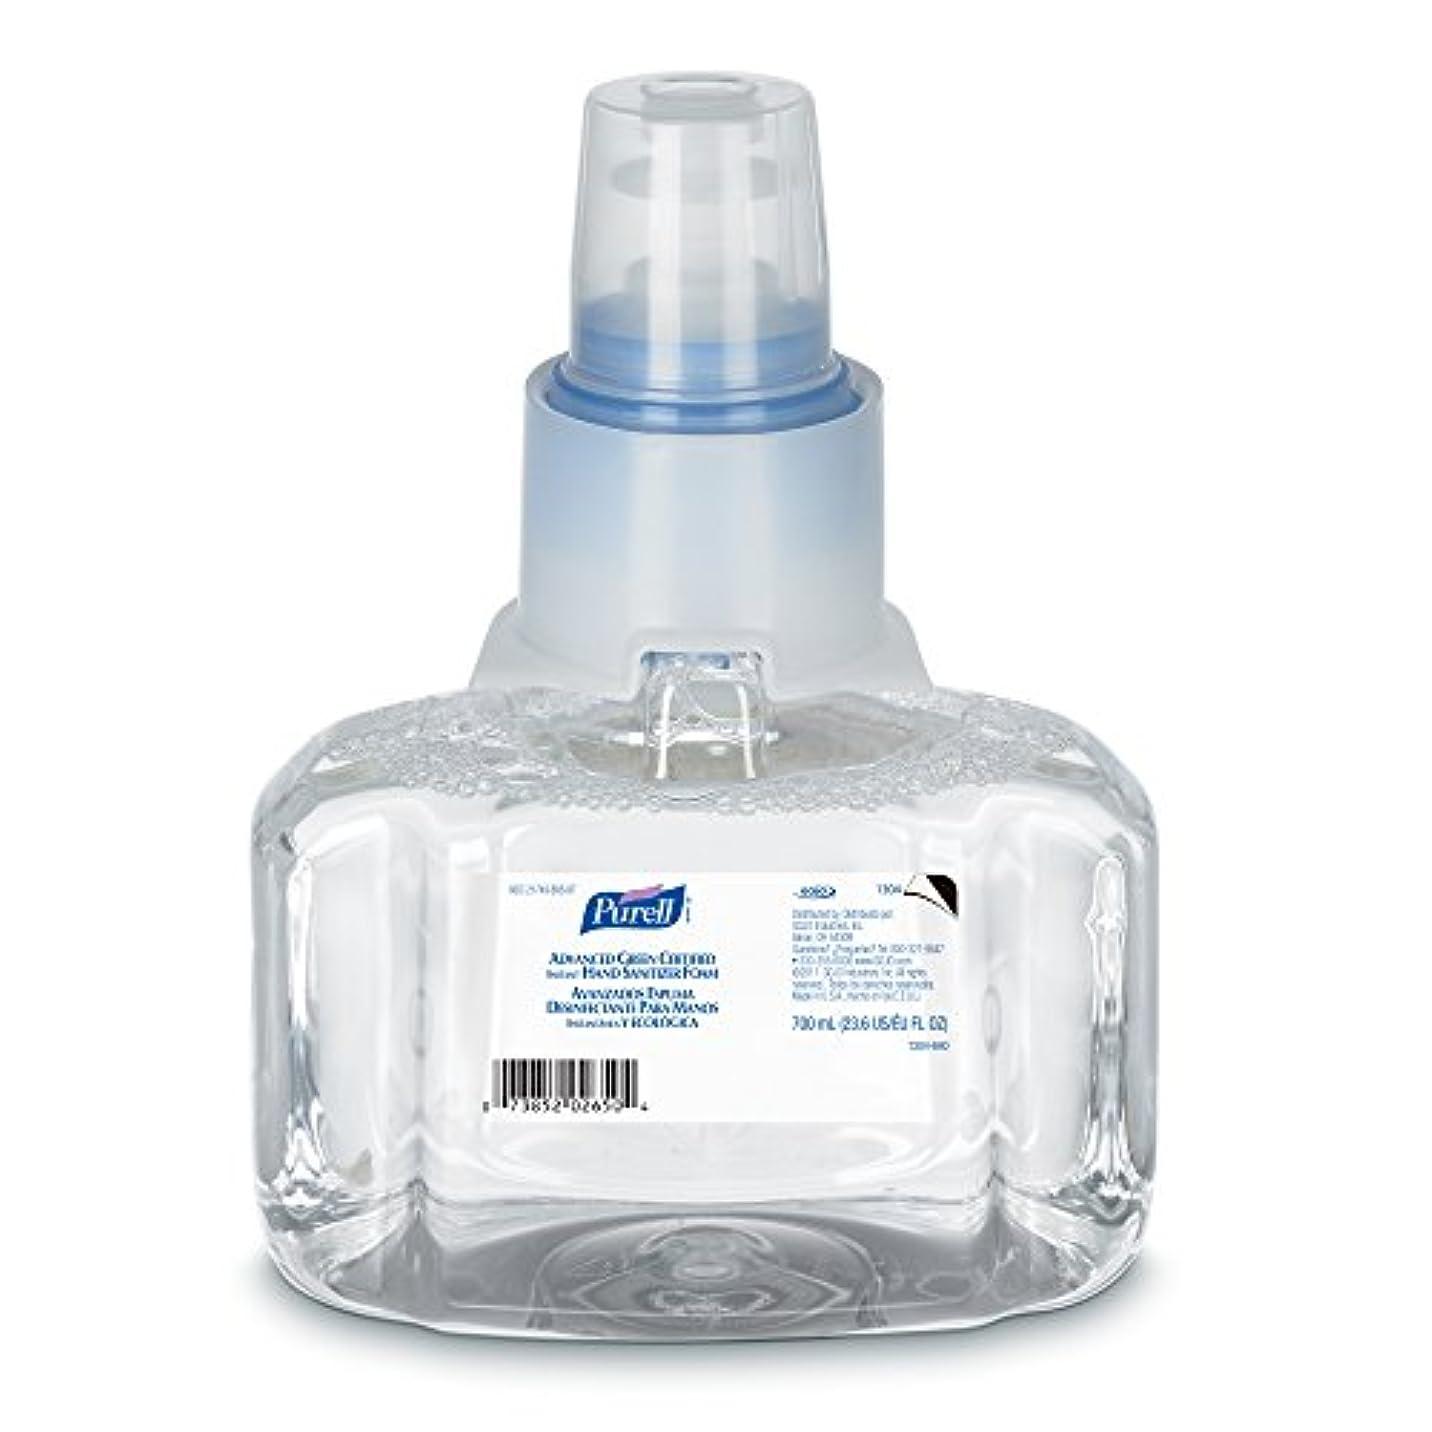 生物学チャンス見えないPurell 1304-03 Advanced Green Certified Instant Hand Sanitizer Foam, 700 ml Refill (Pack of 3) by Purell